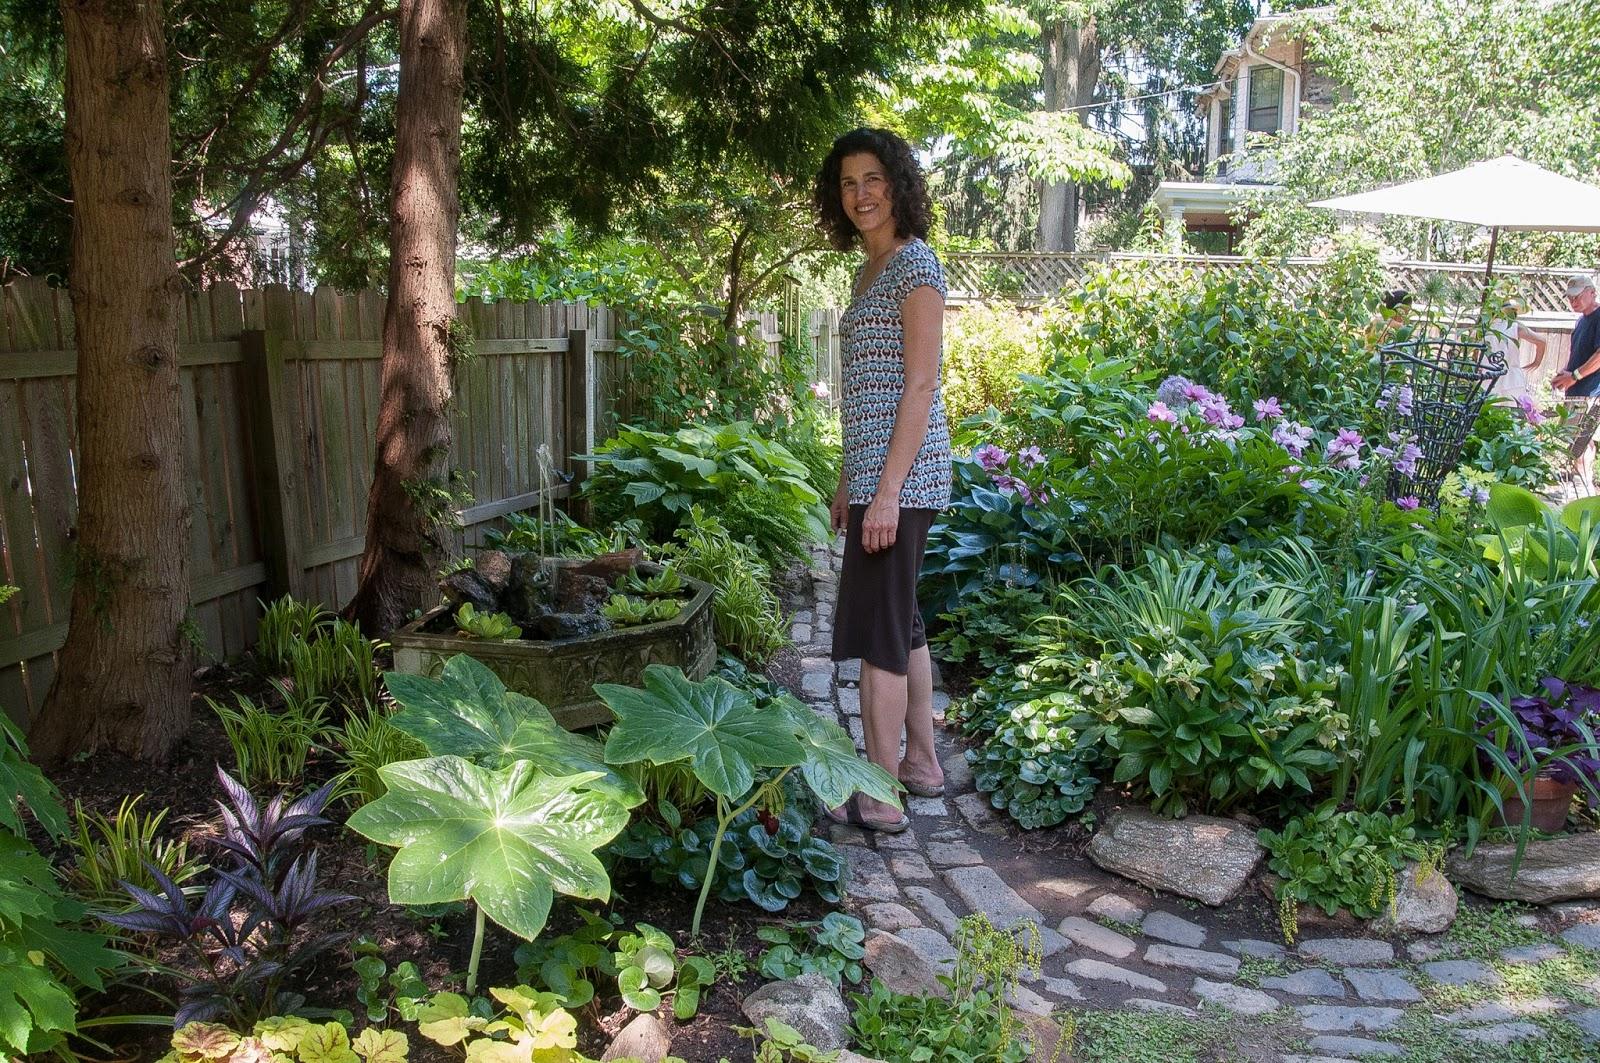 mt airy learning tree hidden gardens tour june 4 nw philadelphia - Hidden Garden